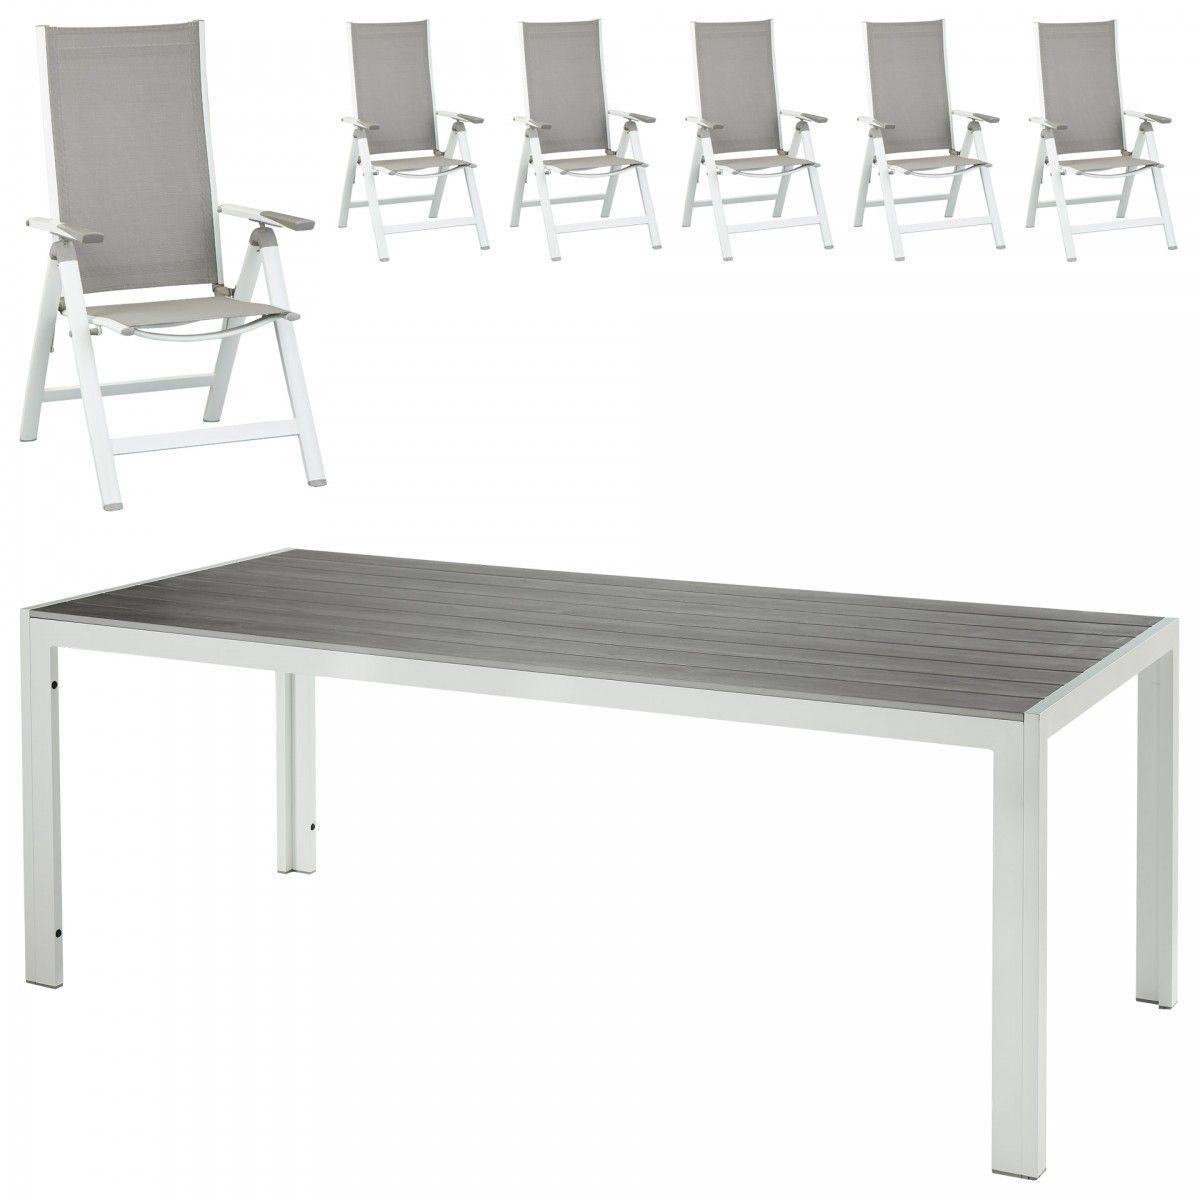 Gartenmöbel-Set Haiti (92x205, 6 5-Positionen-Stühle) | Haiti